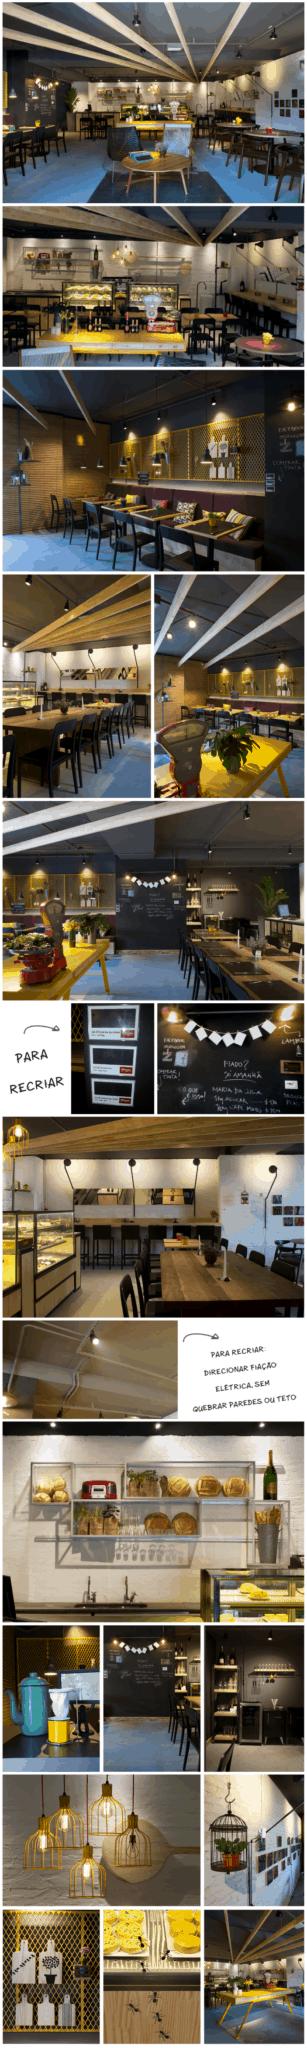 studio-zeh-jose-boulangerie-casa-cor-decorar-com-charme